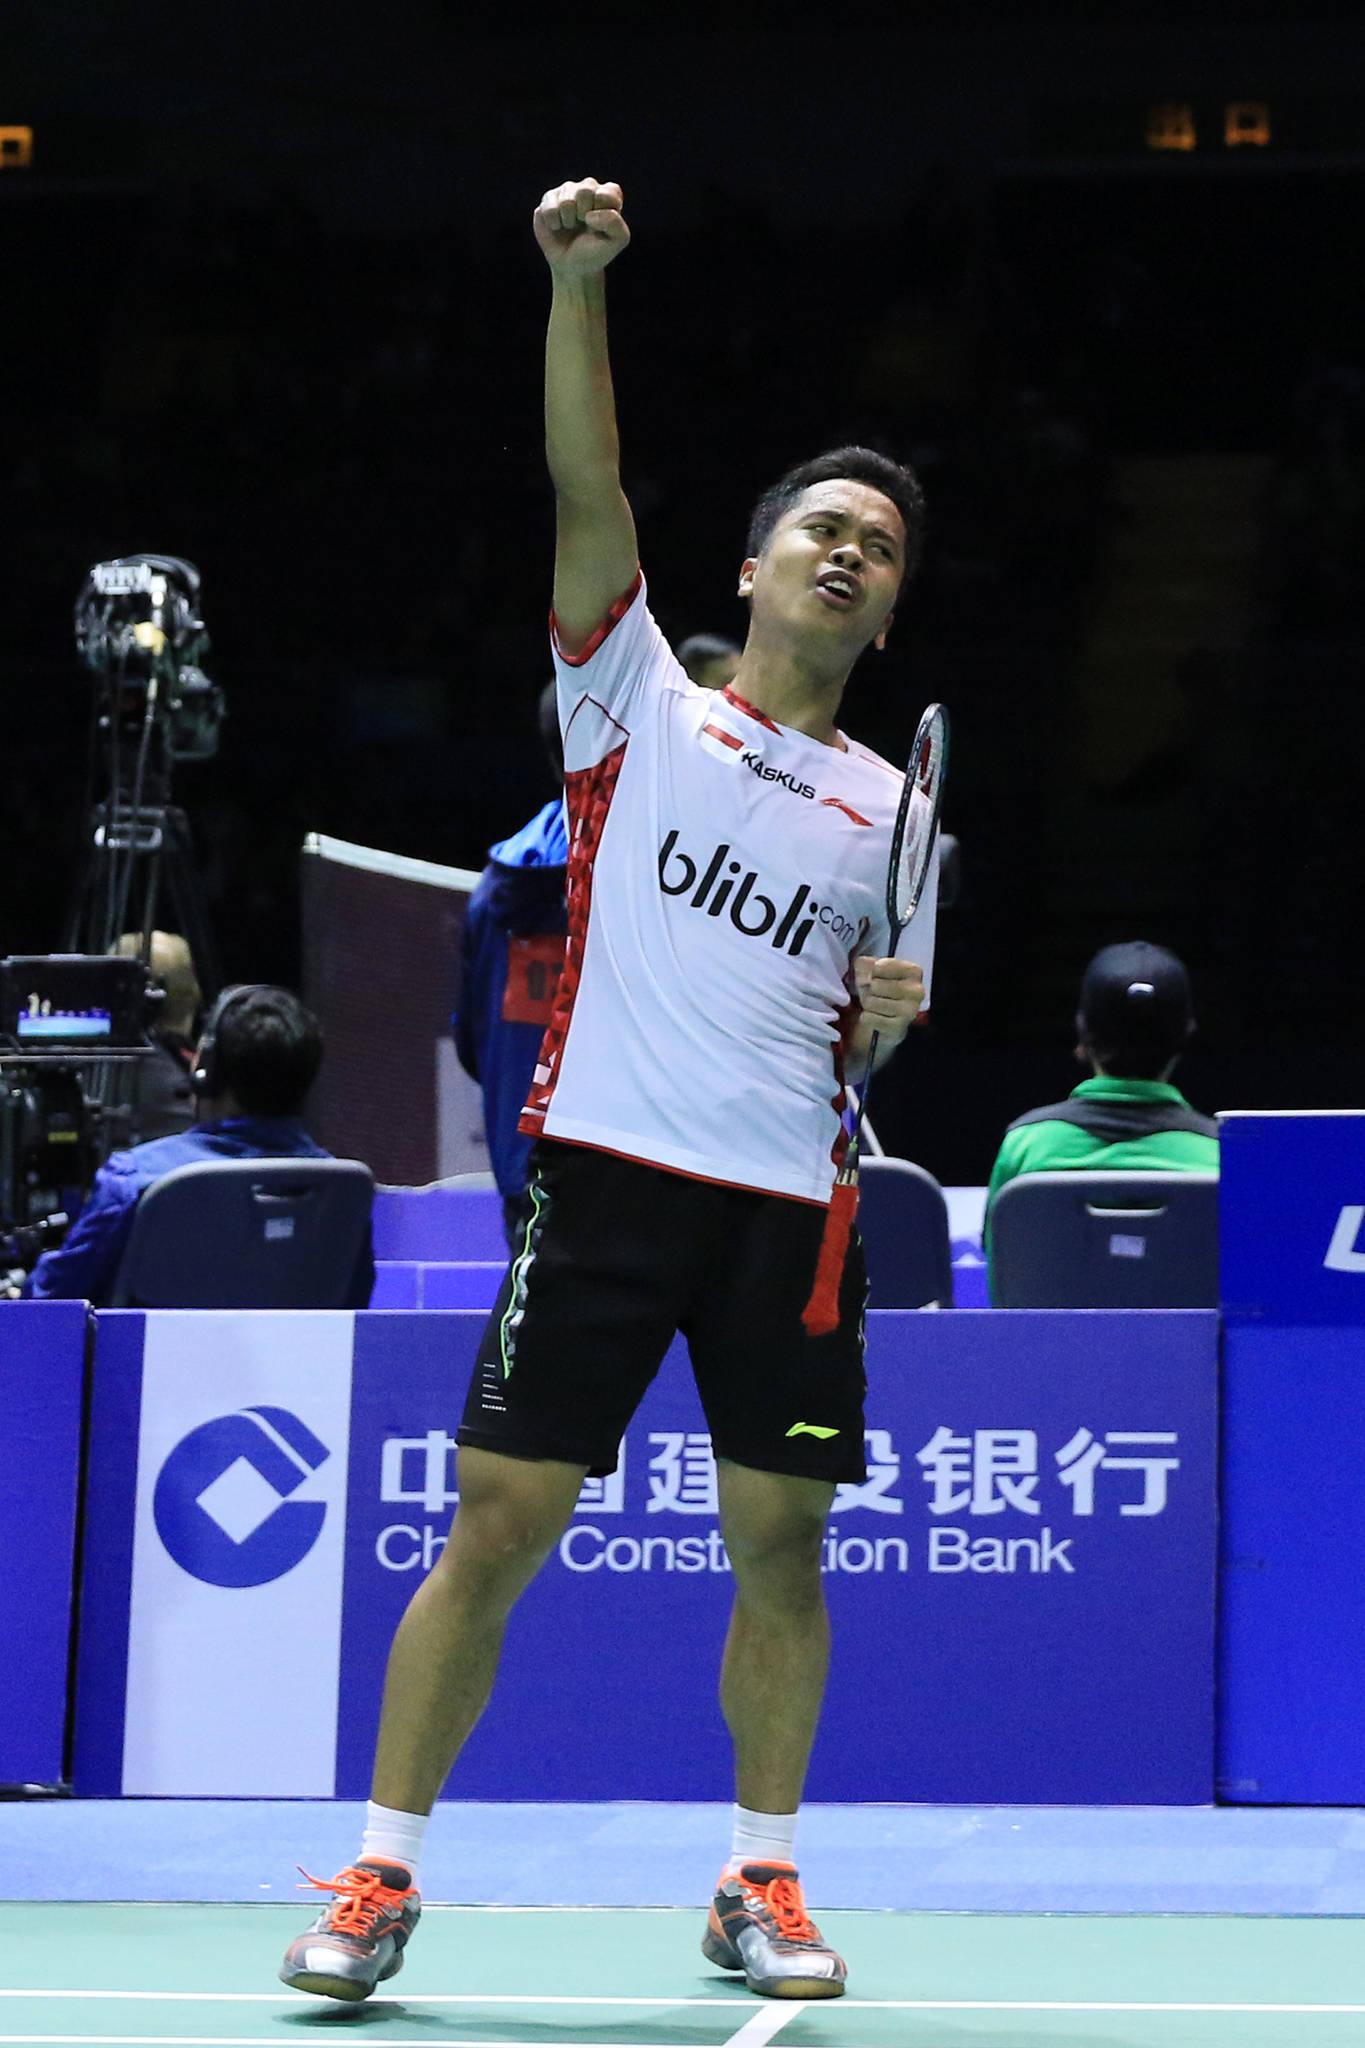 Djarum Badminton Piala Thomas dan Uber 2016 Anthony Tampil Perkasa